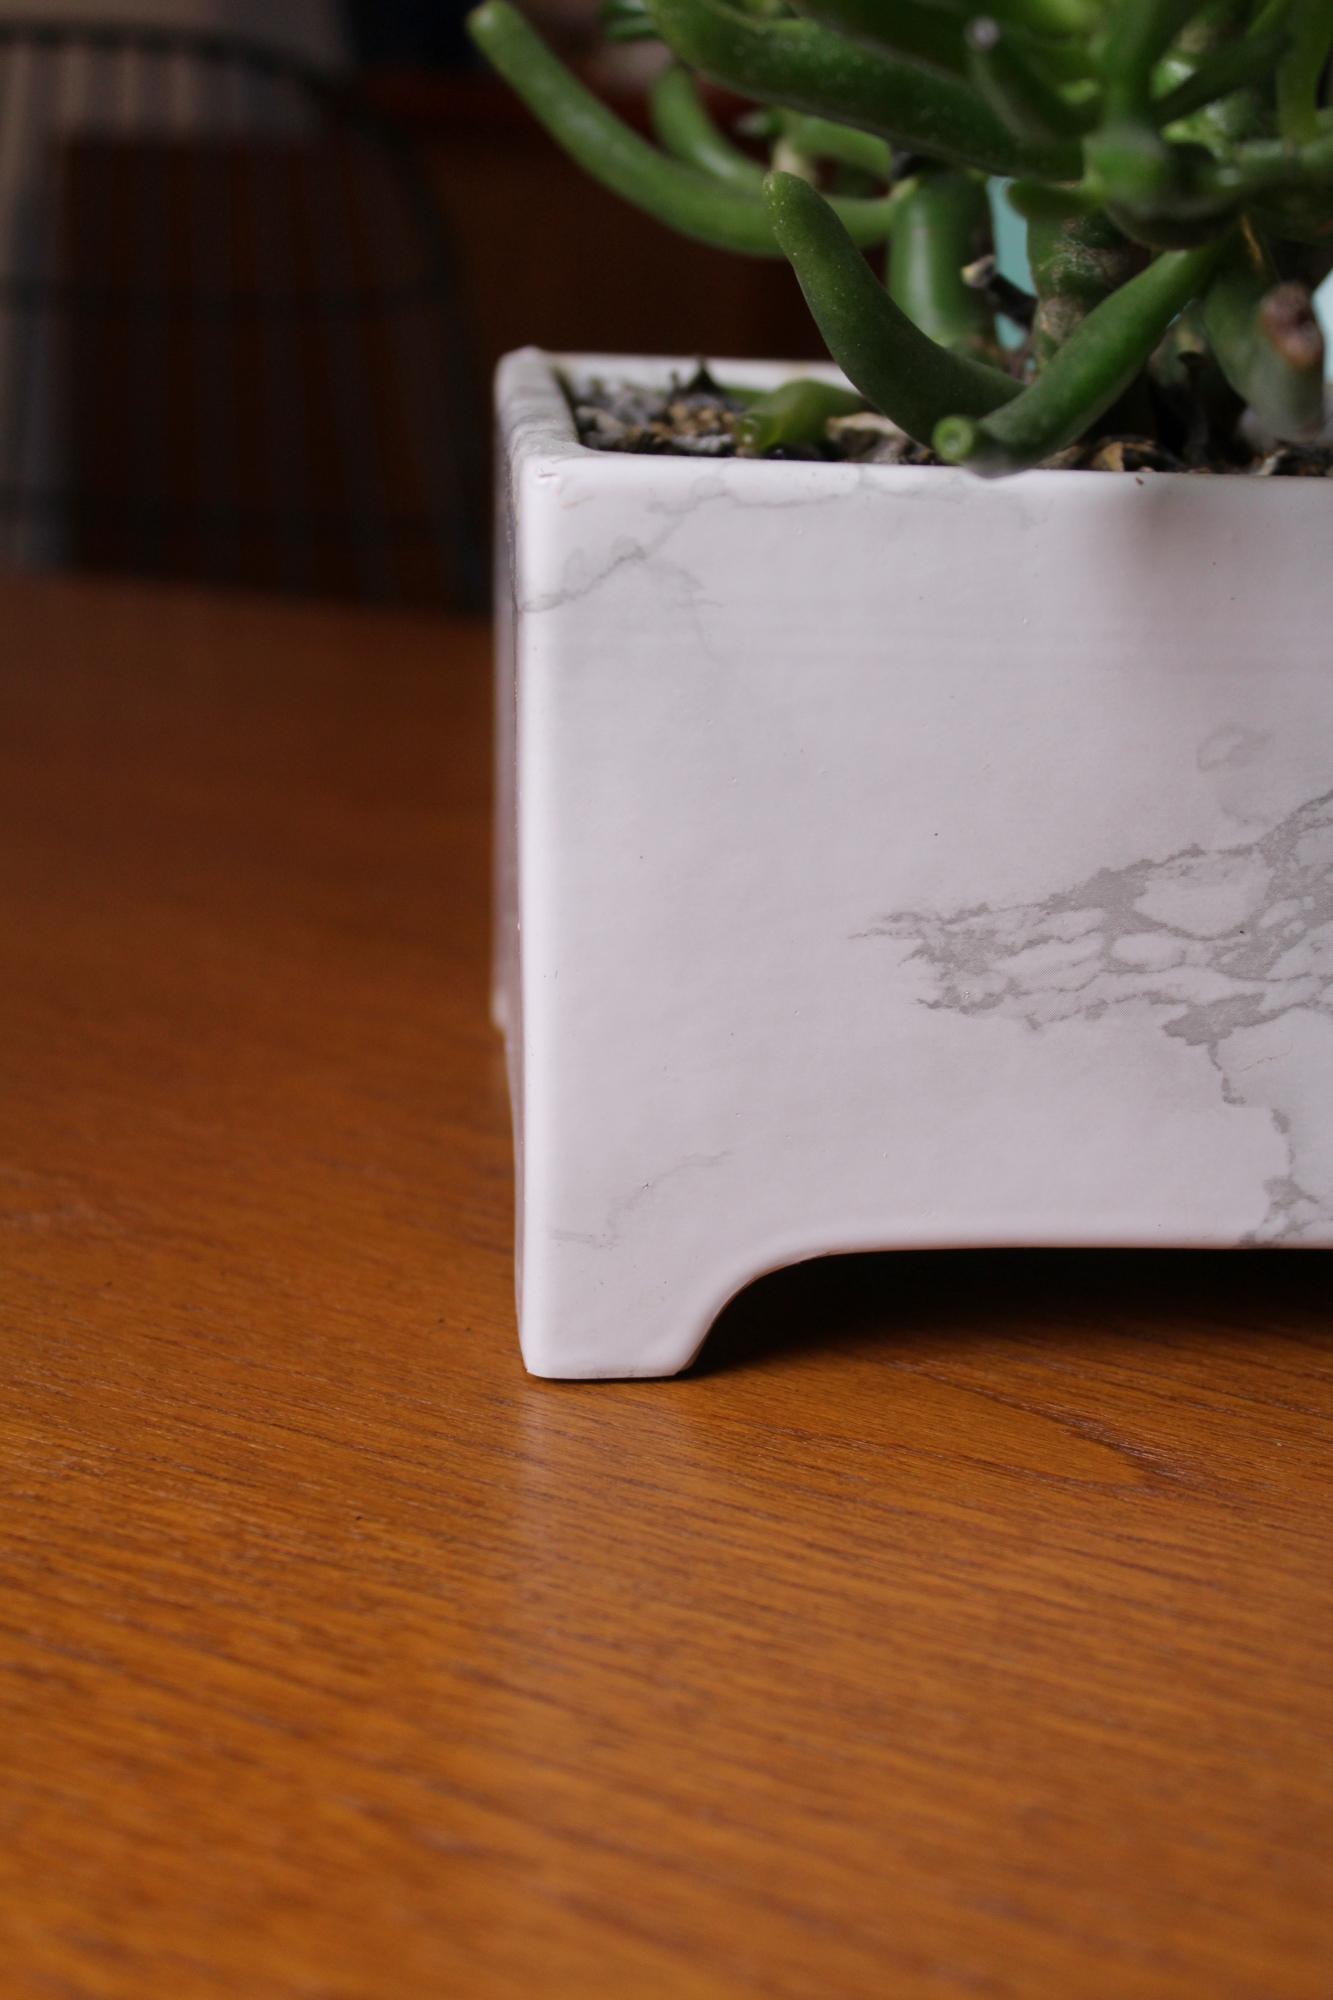 5 einsatzm glichkeiten von klebefolie upcycling 2 0 for Tischplatte marmoroptik